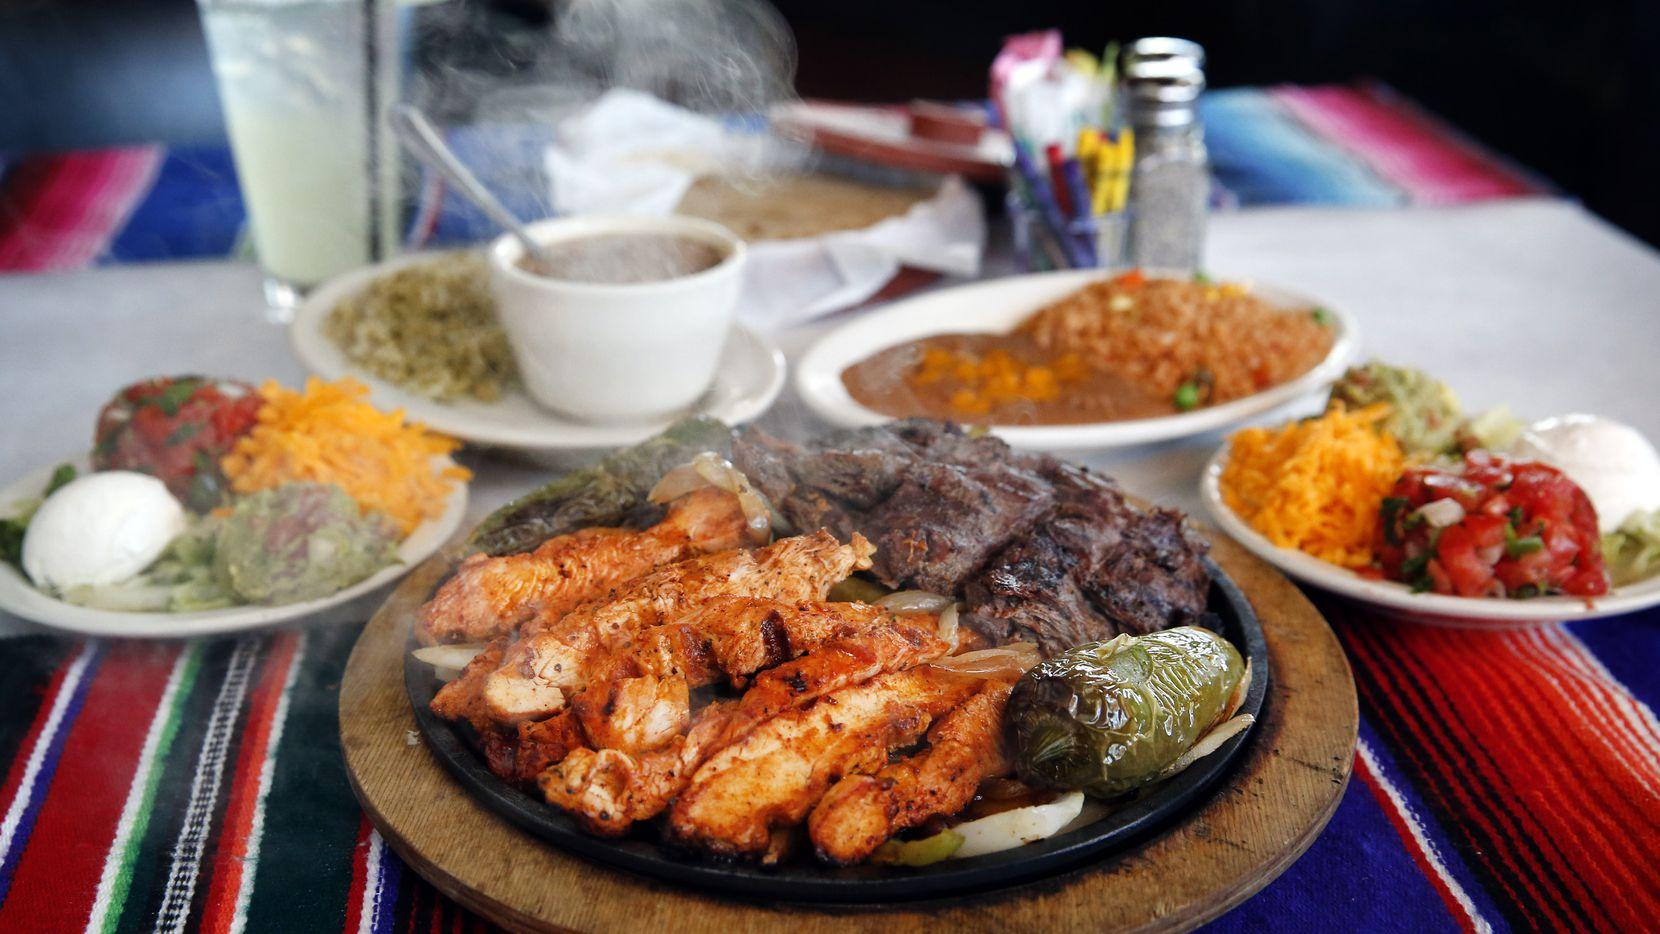 Fajitas de pollo y carne en El Corazón Vintage Tex-Mex en McKinney, uno de los restaurantes que tuvo la familia Cuéllar, precursores de este estilo culinario.